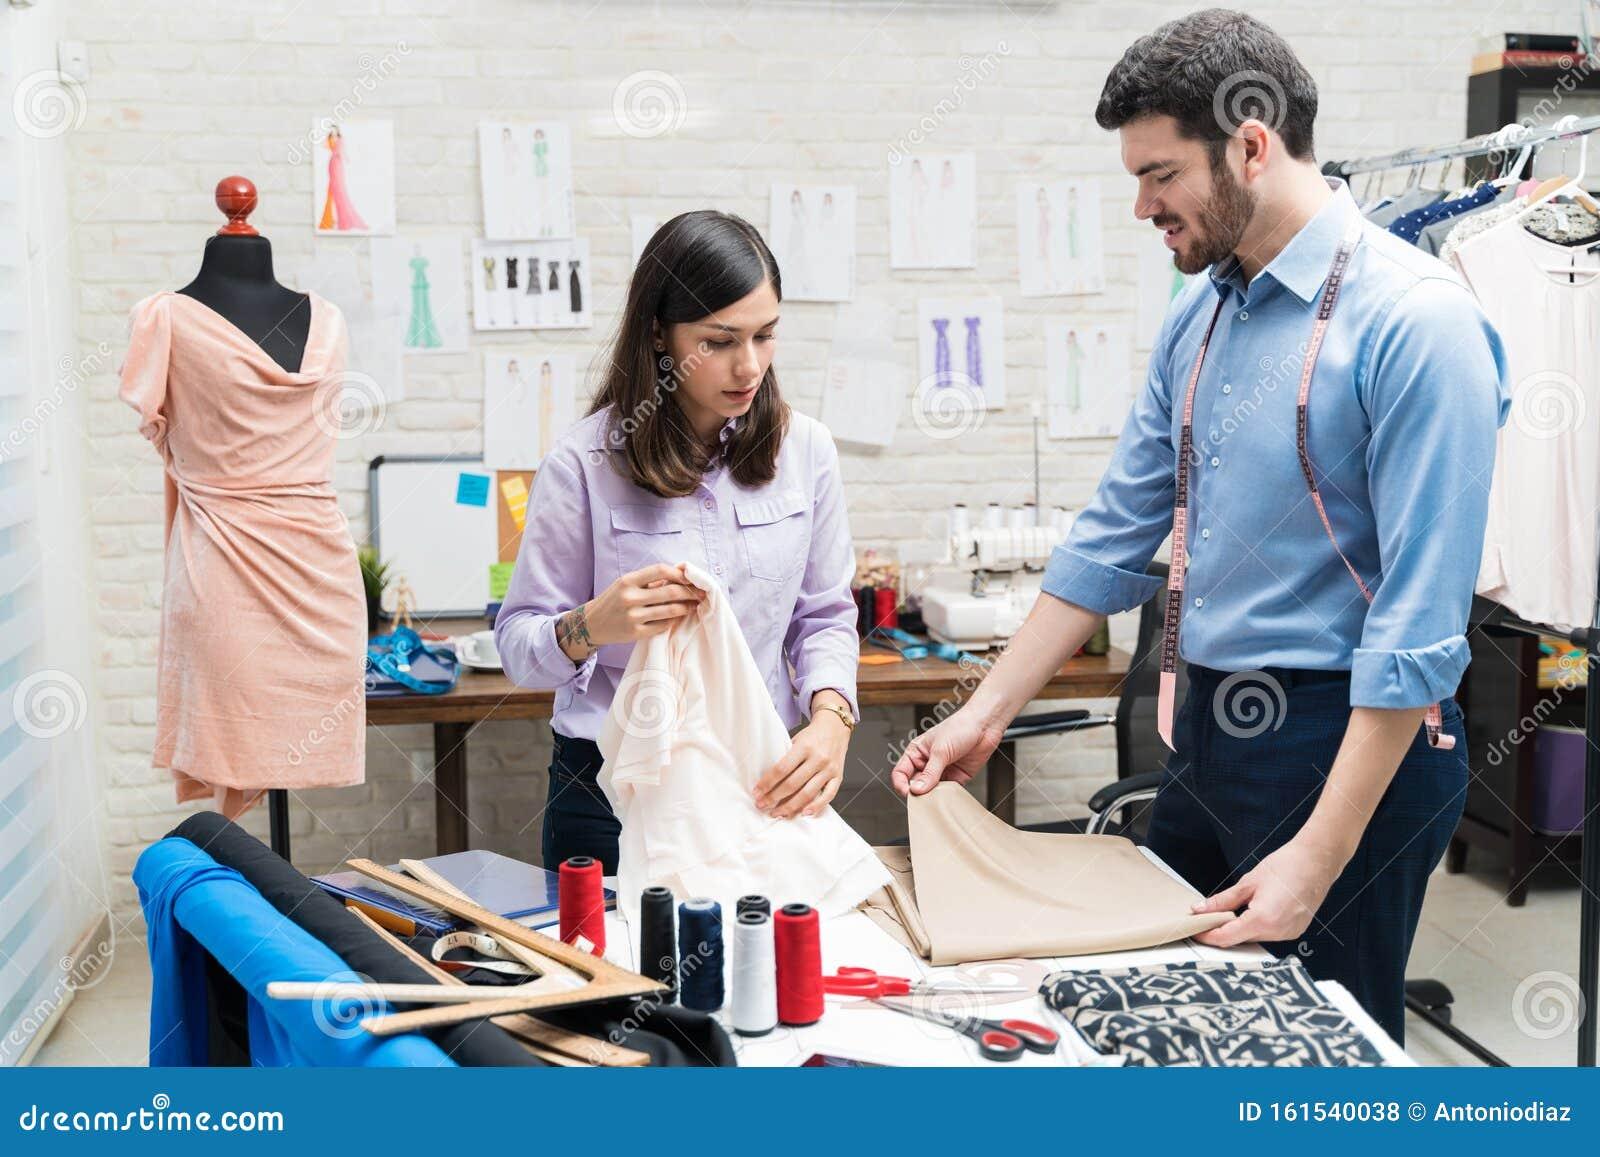 Latin Fashion Designers Finalizing Textile In Clothing Studio Stock Photo Image Of Communication Women 161540038